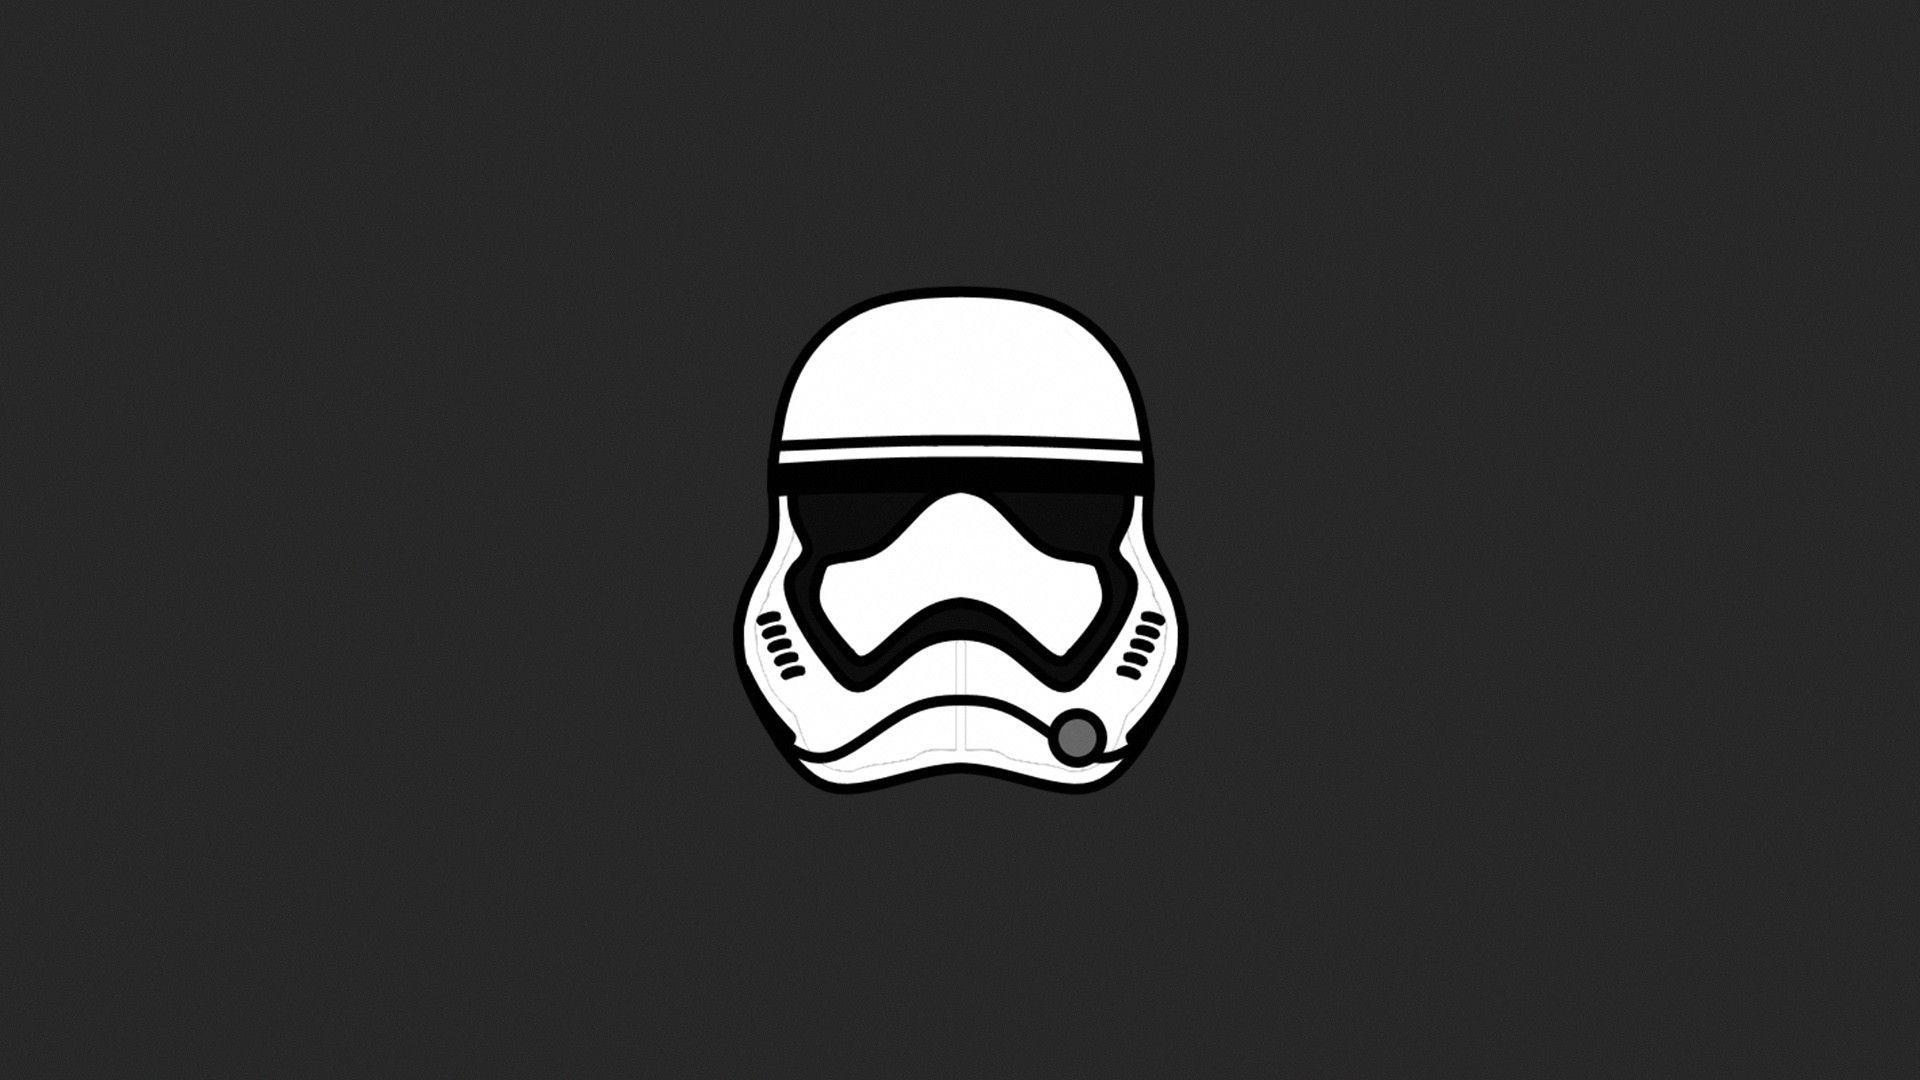 Stormtrooper Iphone Wallpapers Top Free Stormtrooper